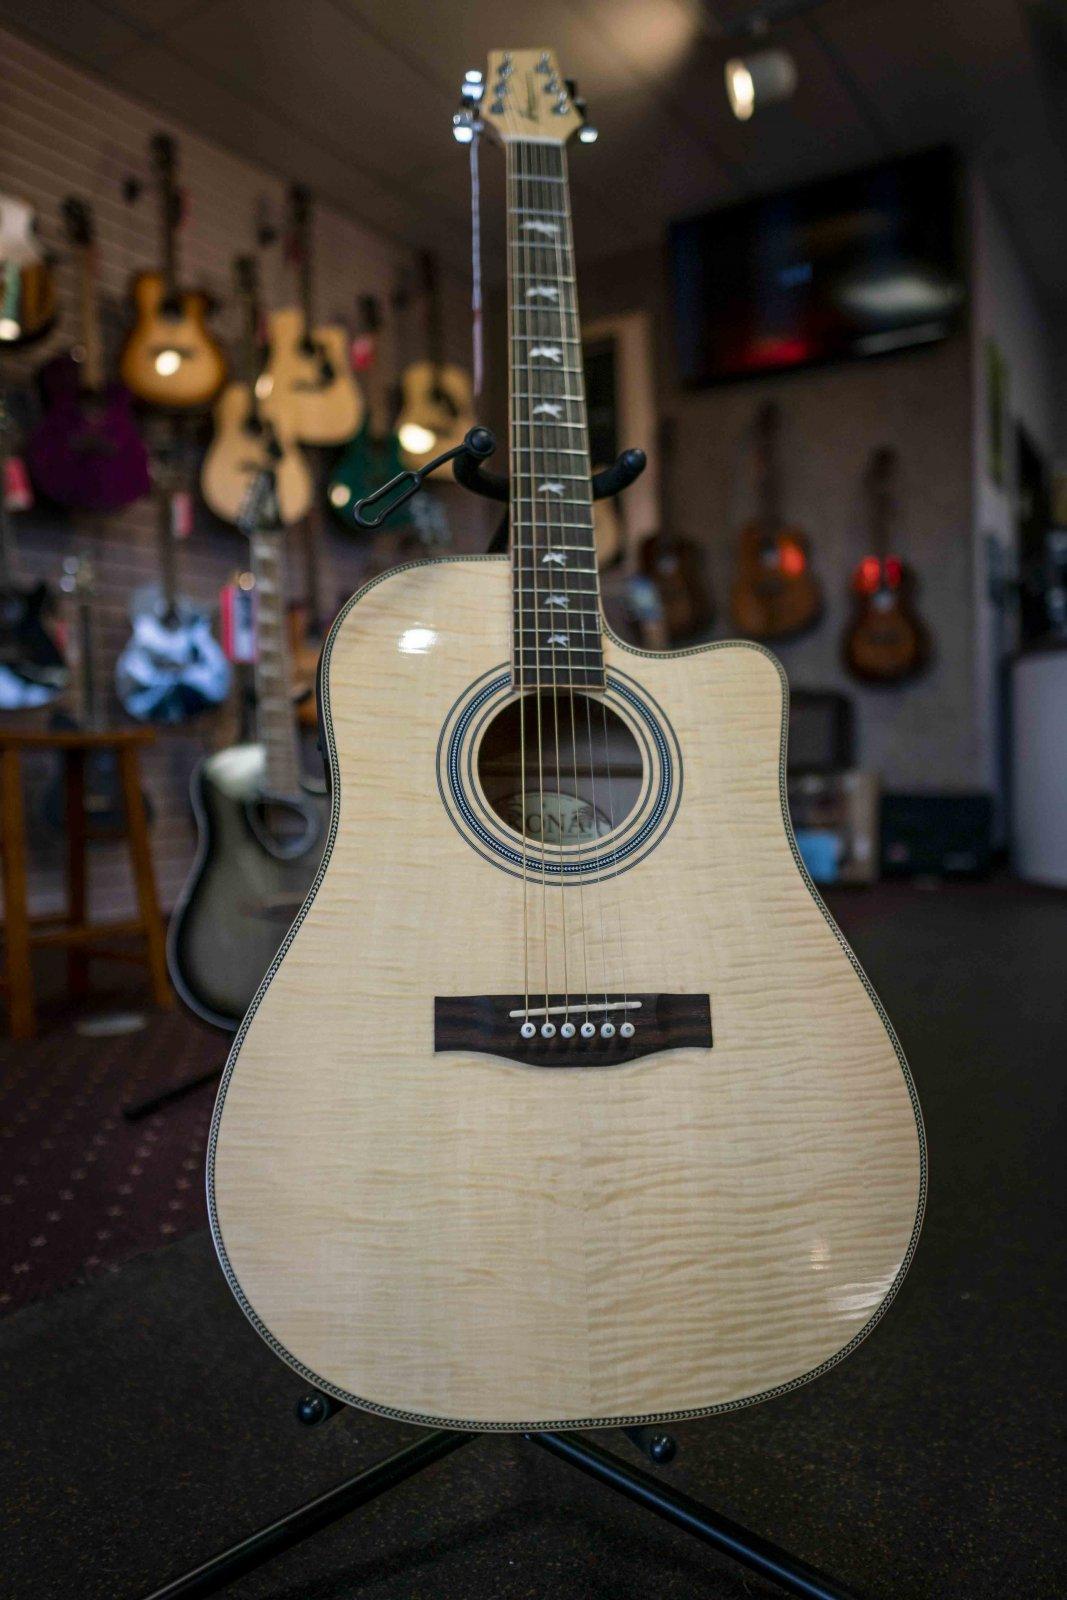 Kona KG1FMCEN Acoustic Electric Guitar (Used)